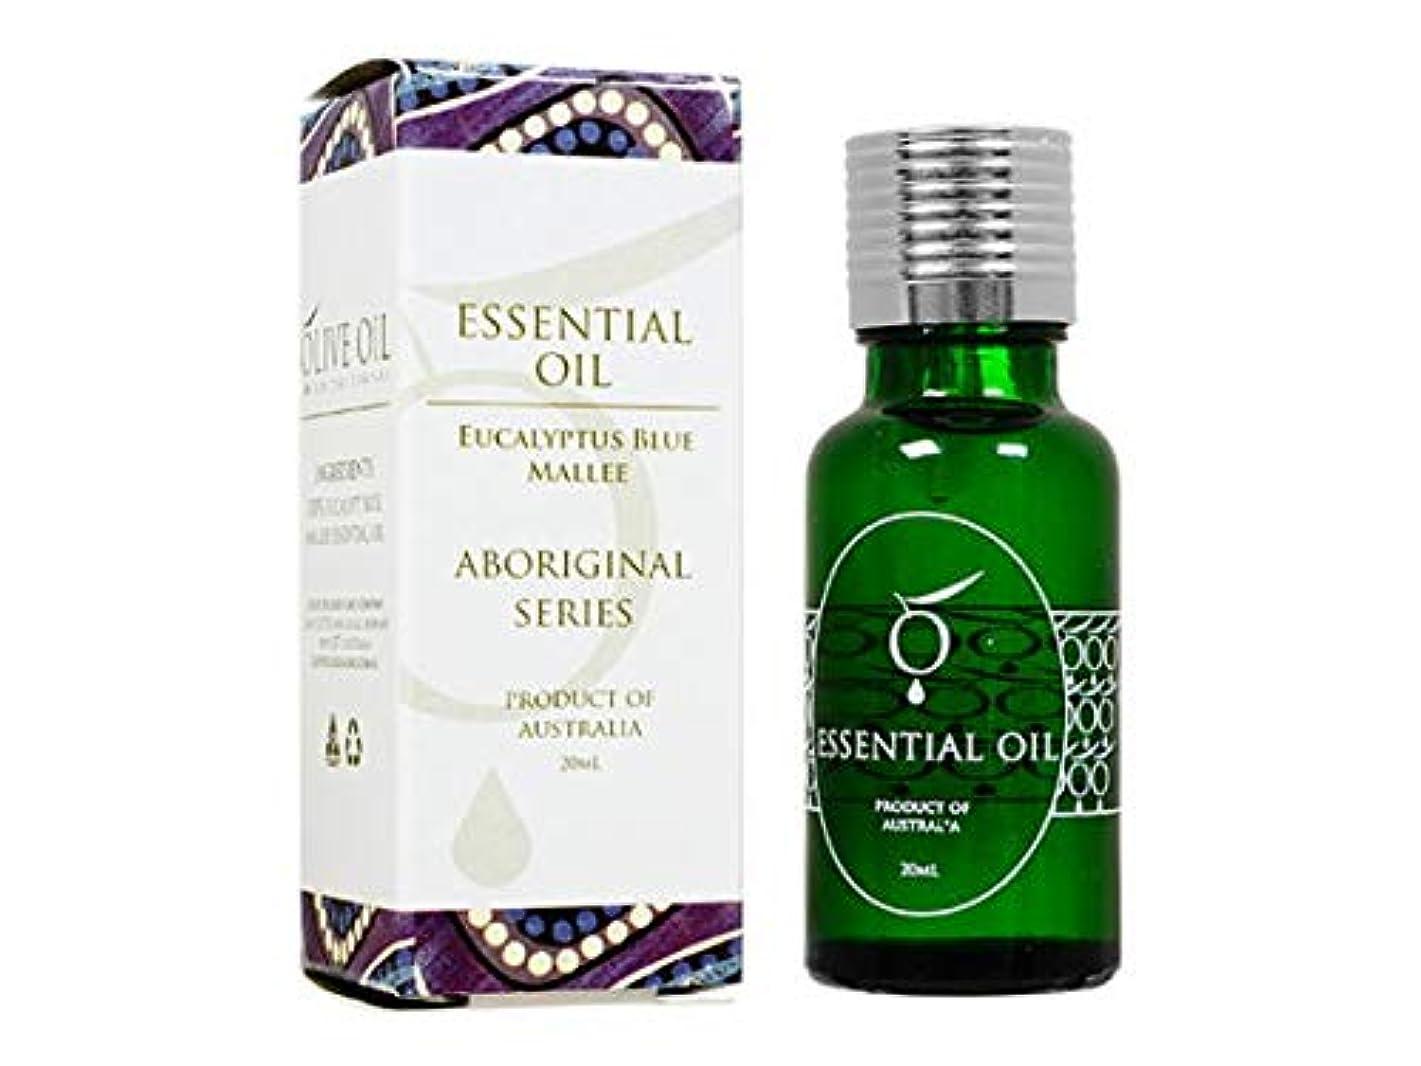 大事にする回転するルーキーOliveOil エッセンシャルオイル?ユーカリブルーマリー 20ml (OliveOil) Essential Oil (Eucalyptus Blue Mallee) Made in Australia